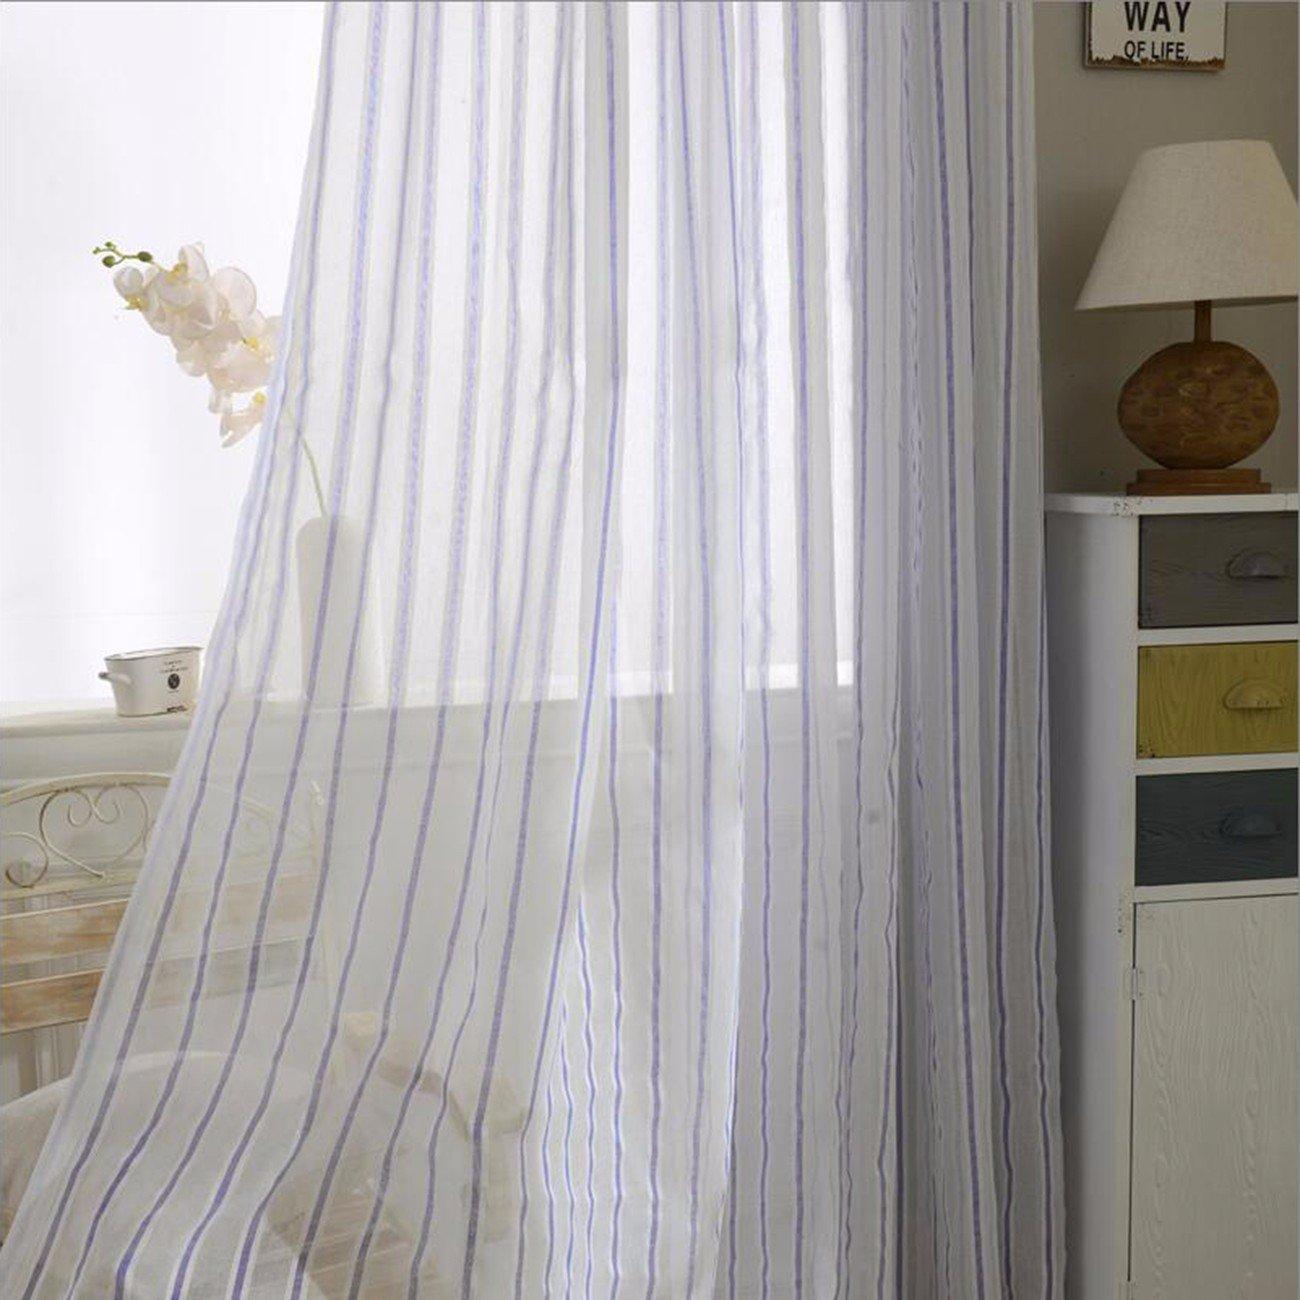 Full Size of Schlafzimmer Vorhnge Fenster Komplett Guenstig Günstig Gardinen Für Regal Getränkekisten Regale Keller Körbe Badezimmer Wandtattoos Massivholz Moderne Schlafzimmer Gardinen Für Schlafzimmer